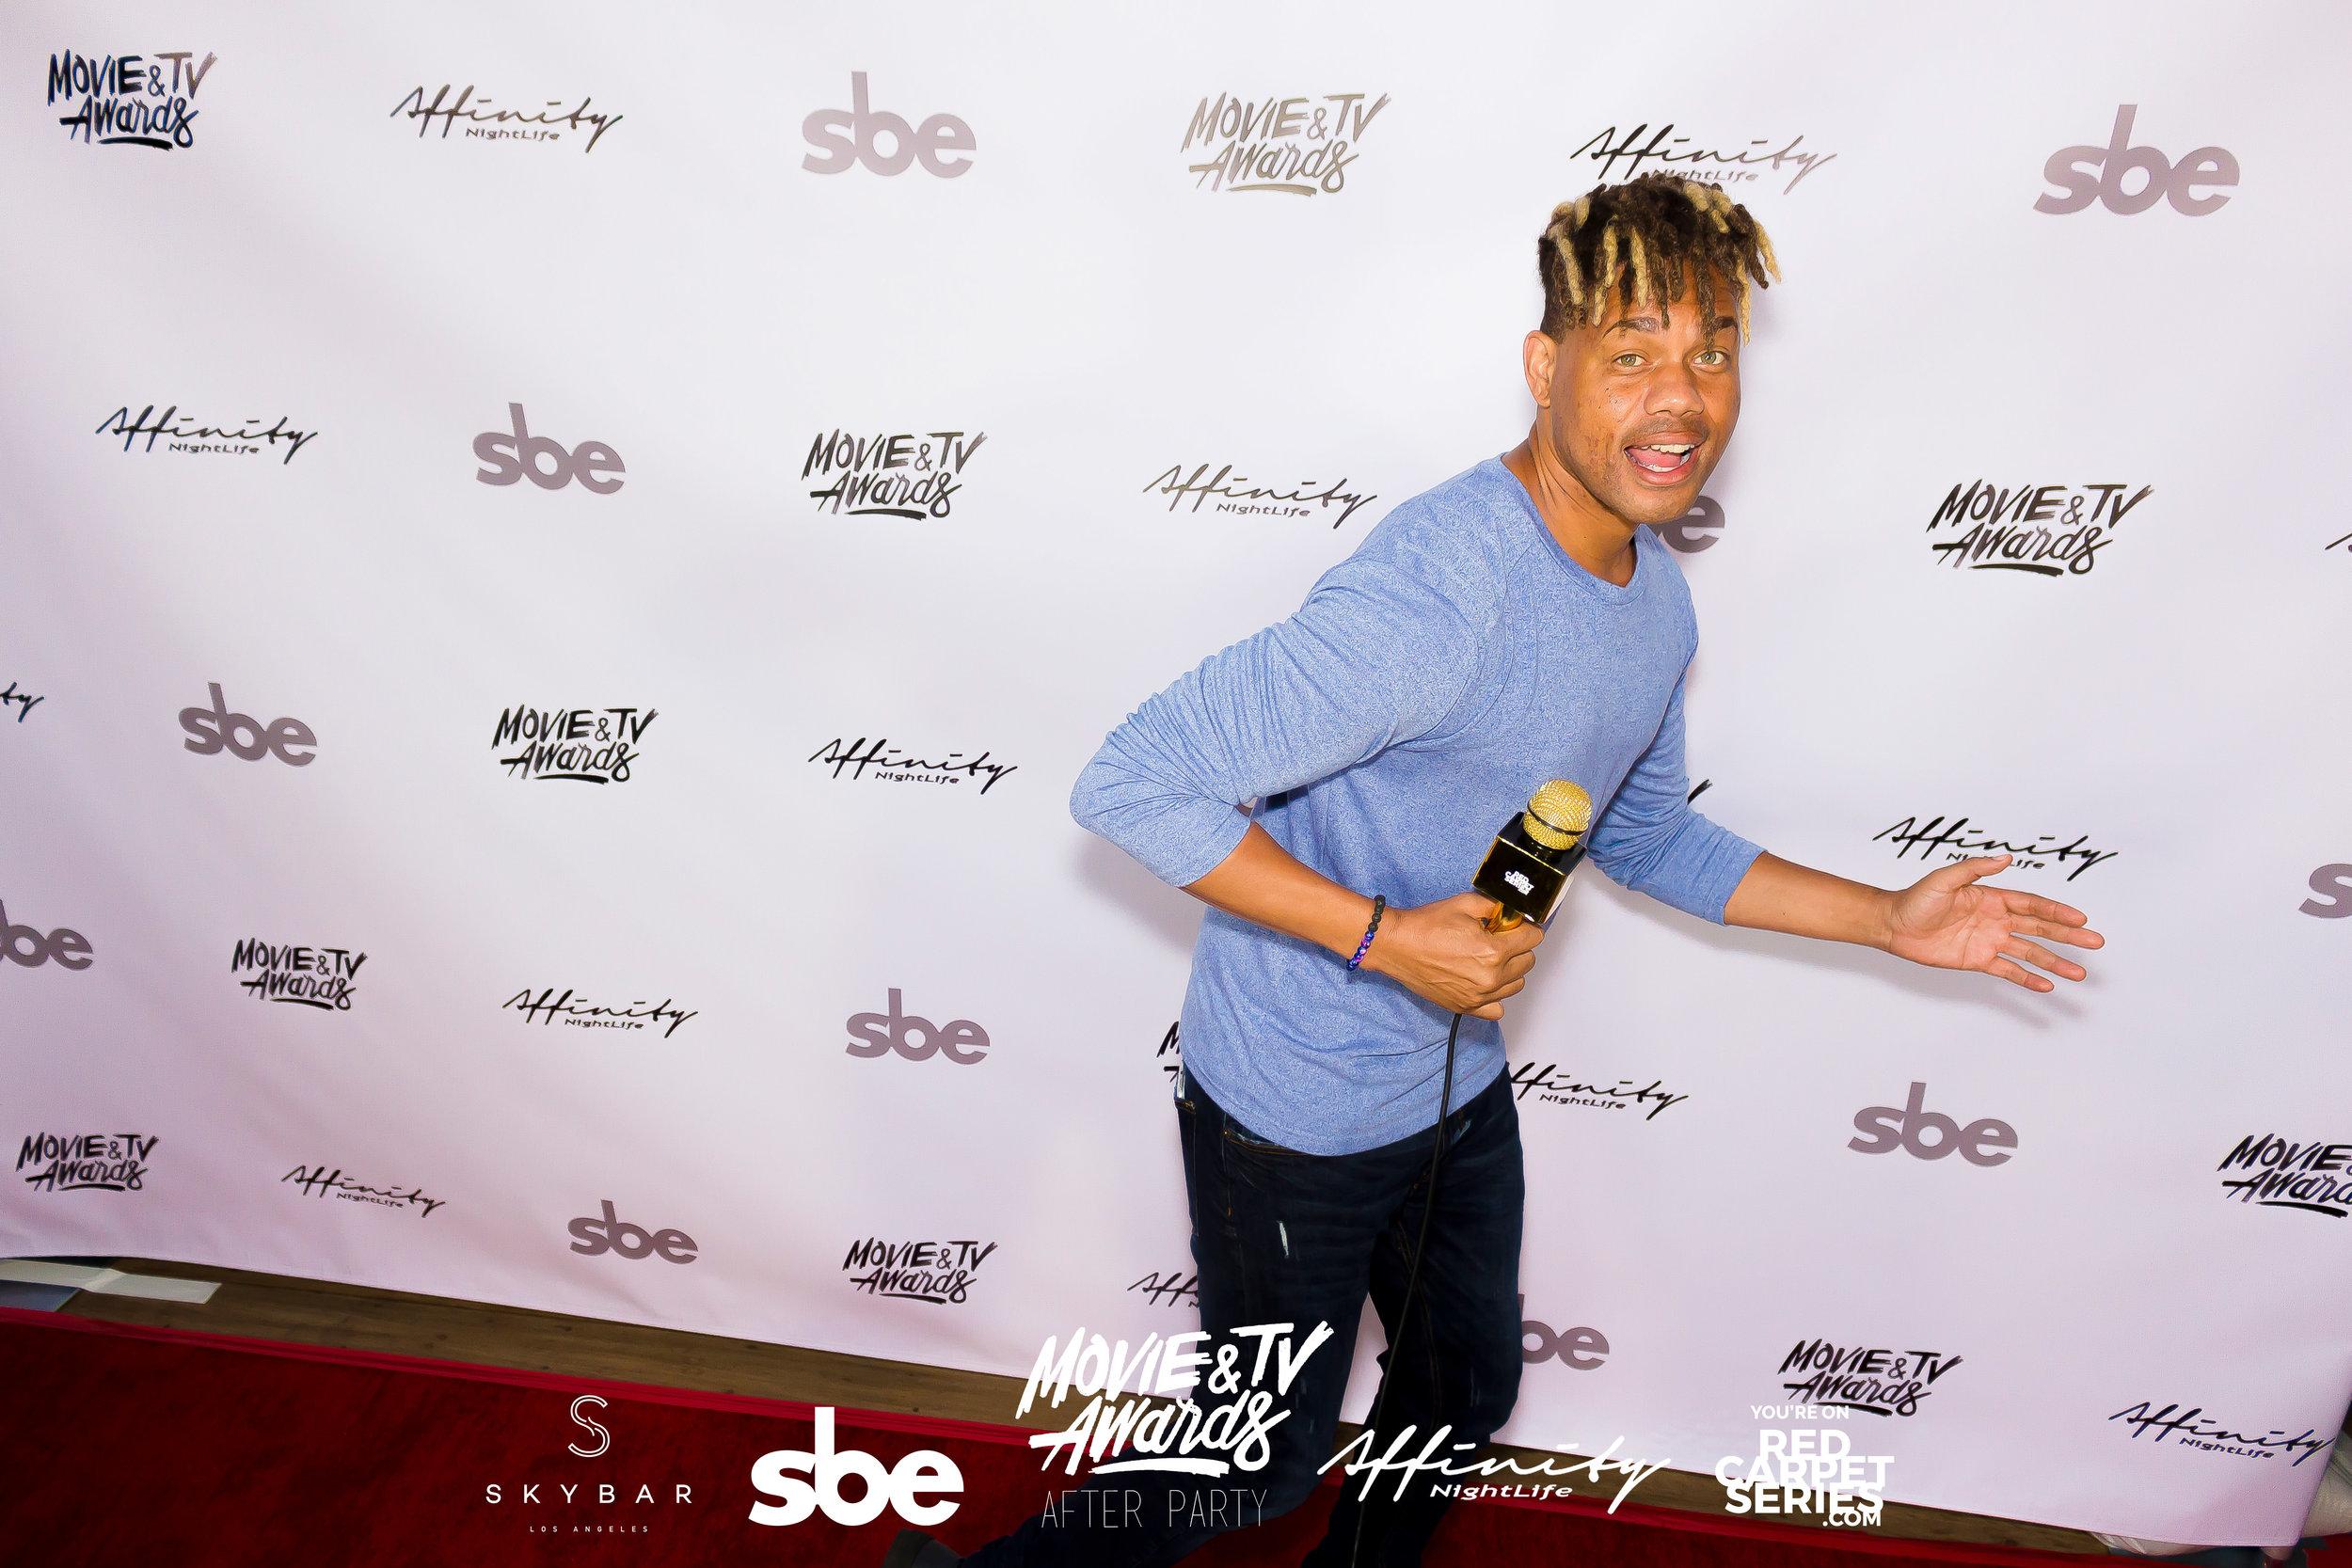 Affinity Nightlife MTV Movie & TV Awards After Party - Skybar at Mondrian - 06-15-19 - Vol. 1_11.jpg